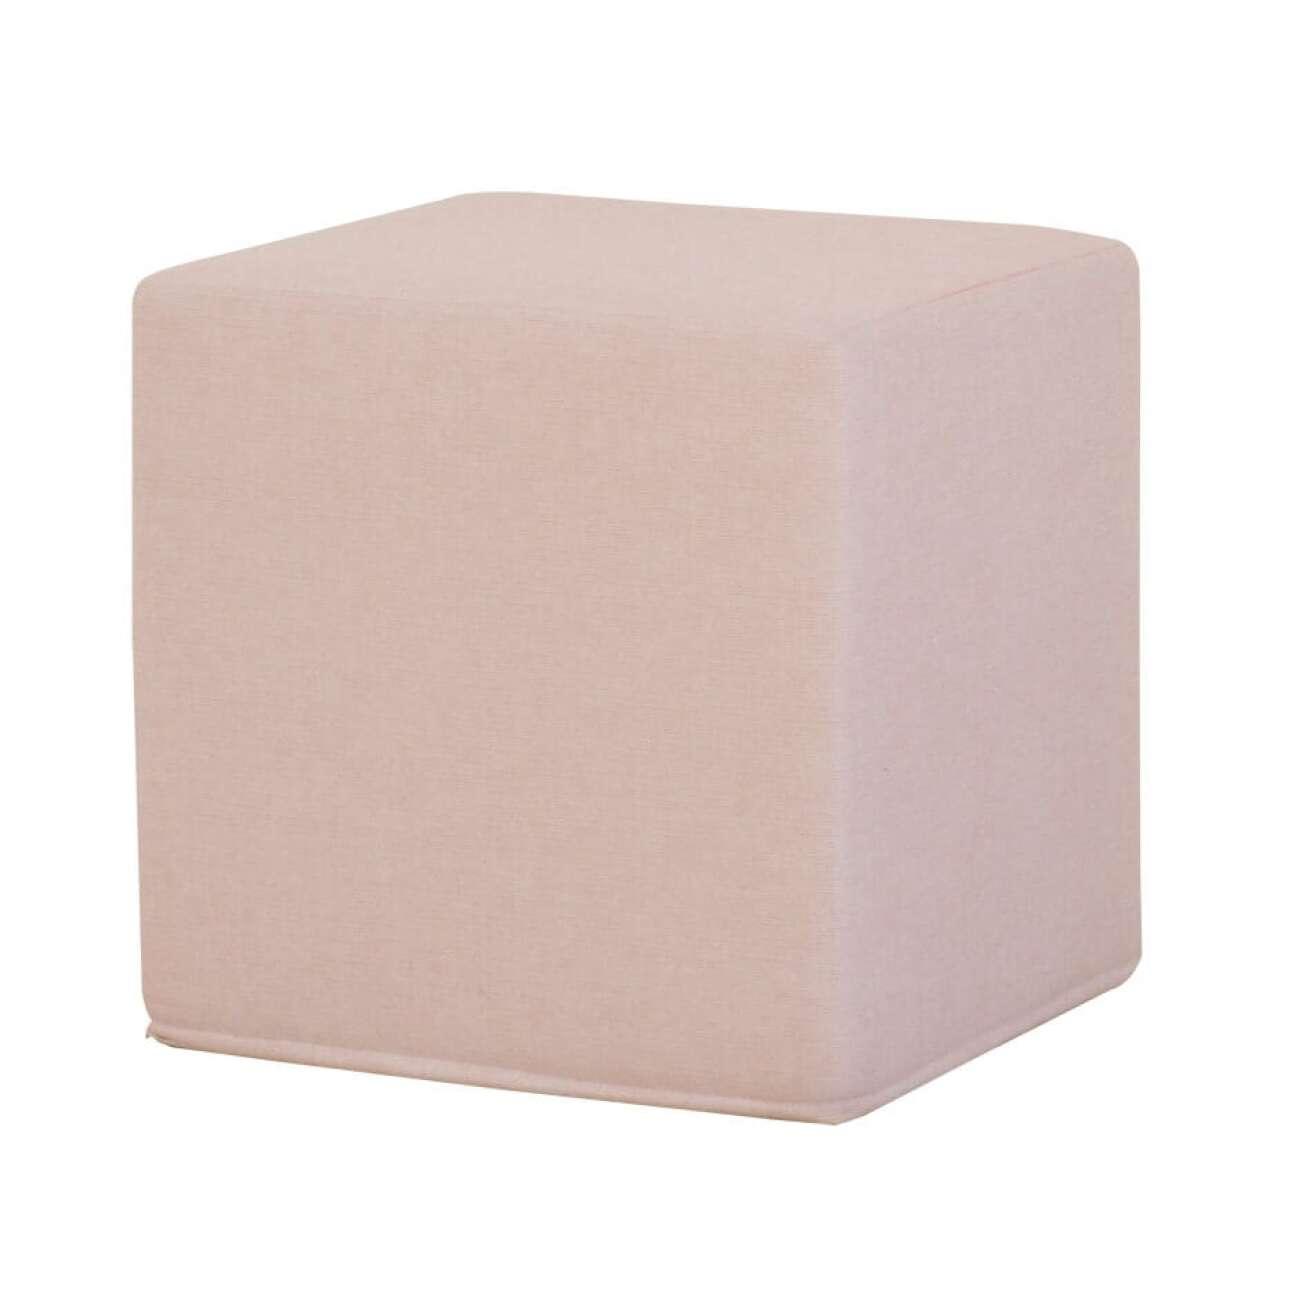 Puff i form av en kube i rosa farge